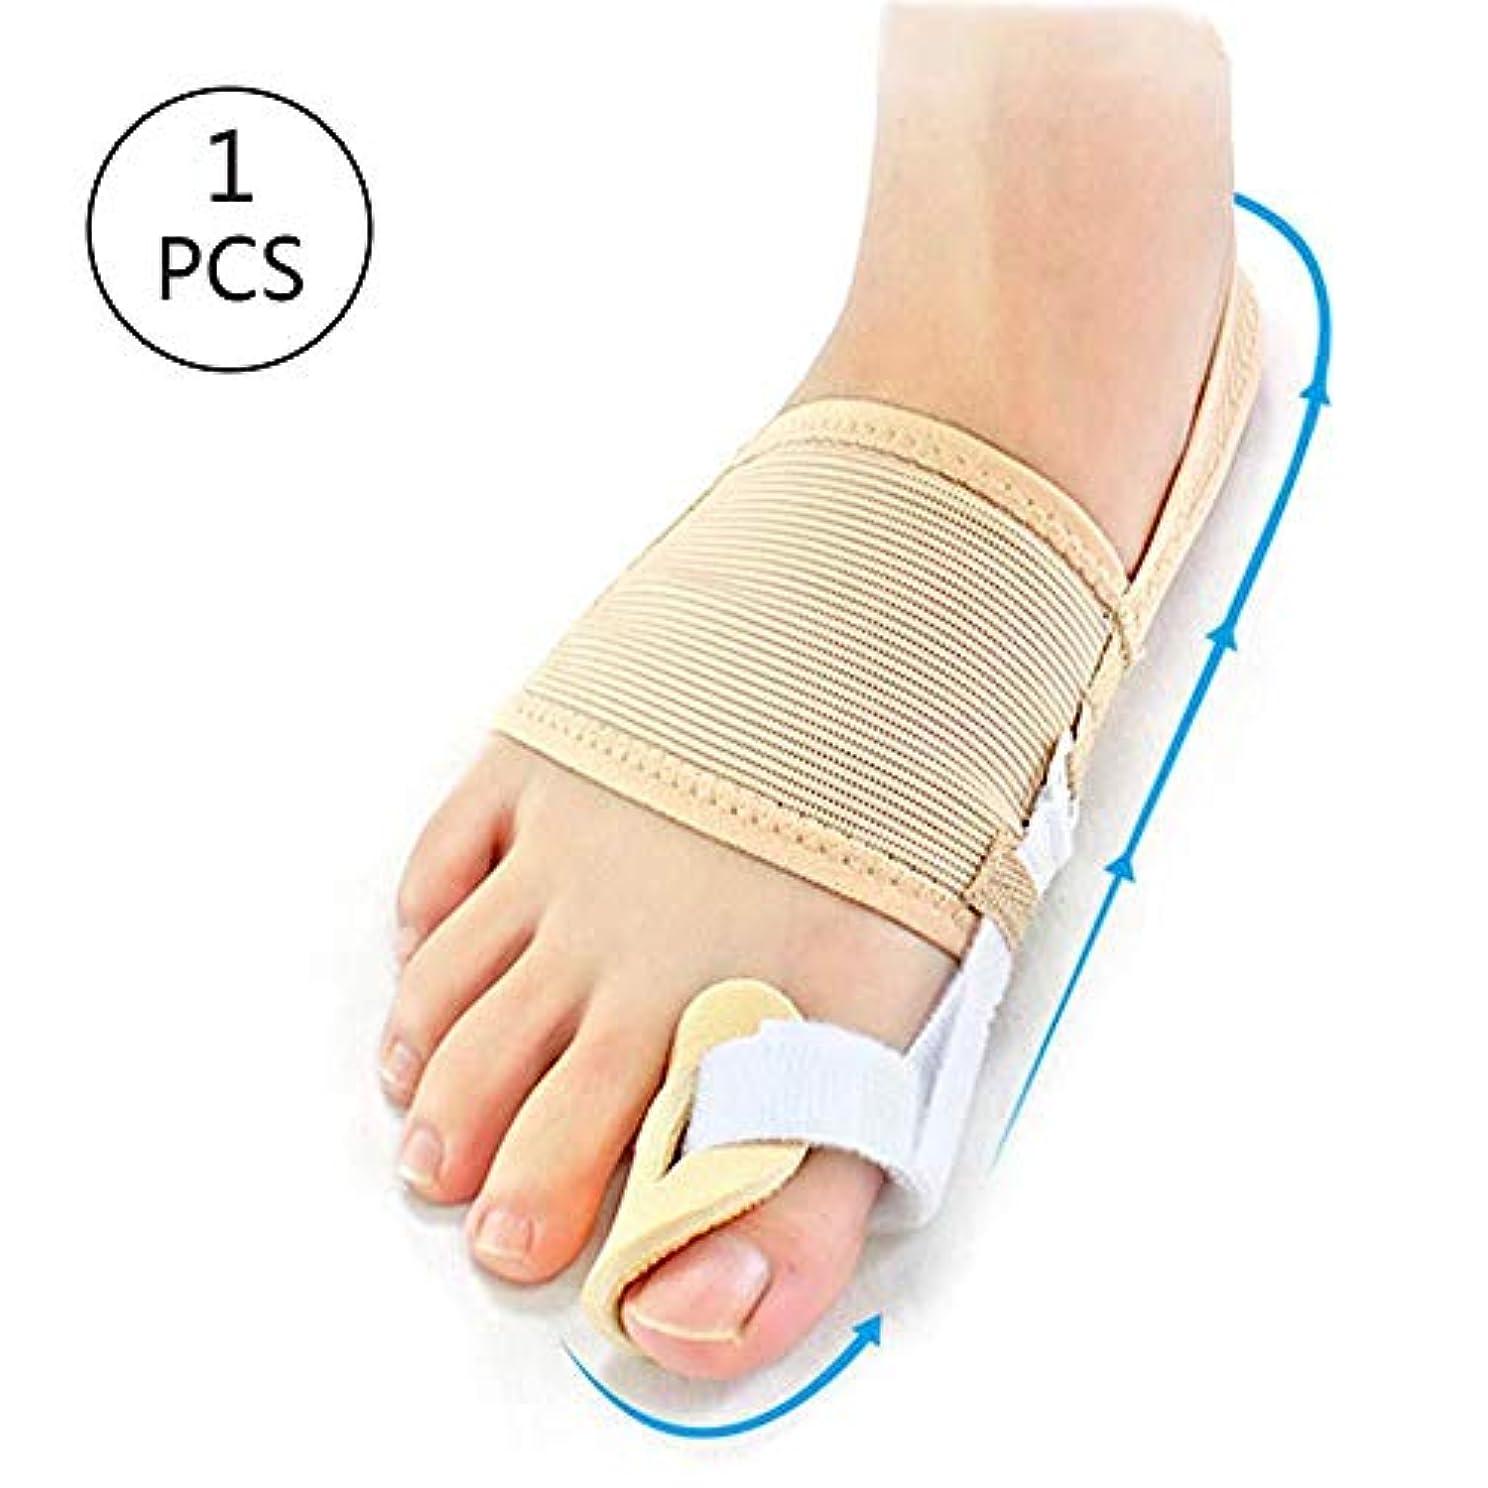 オリエンテーション役立つ著者外反母tho、外反母、ナイトスプリント、足の親指、矯正、矯正、足指、整形外科、痛みの緩和とサポート(1)ユニバーサル